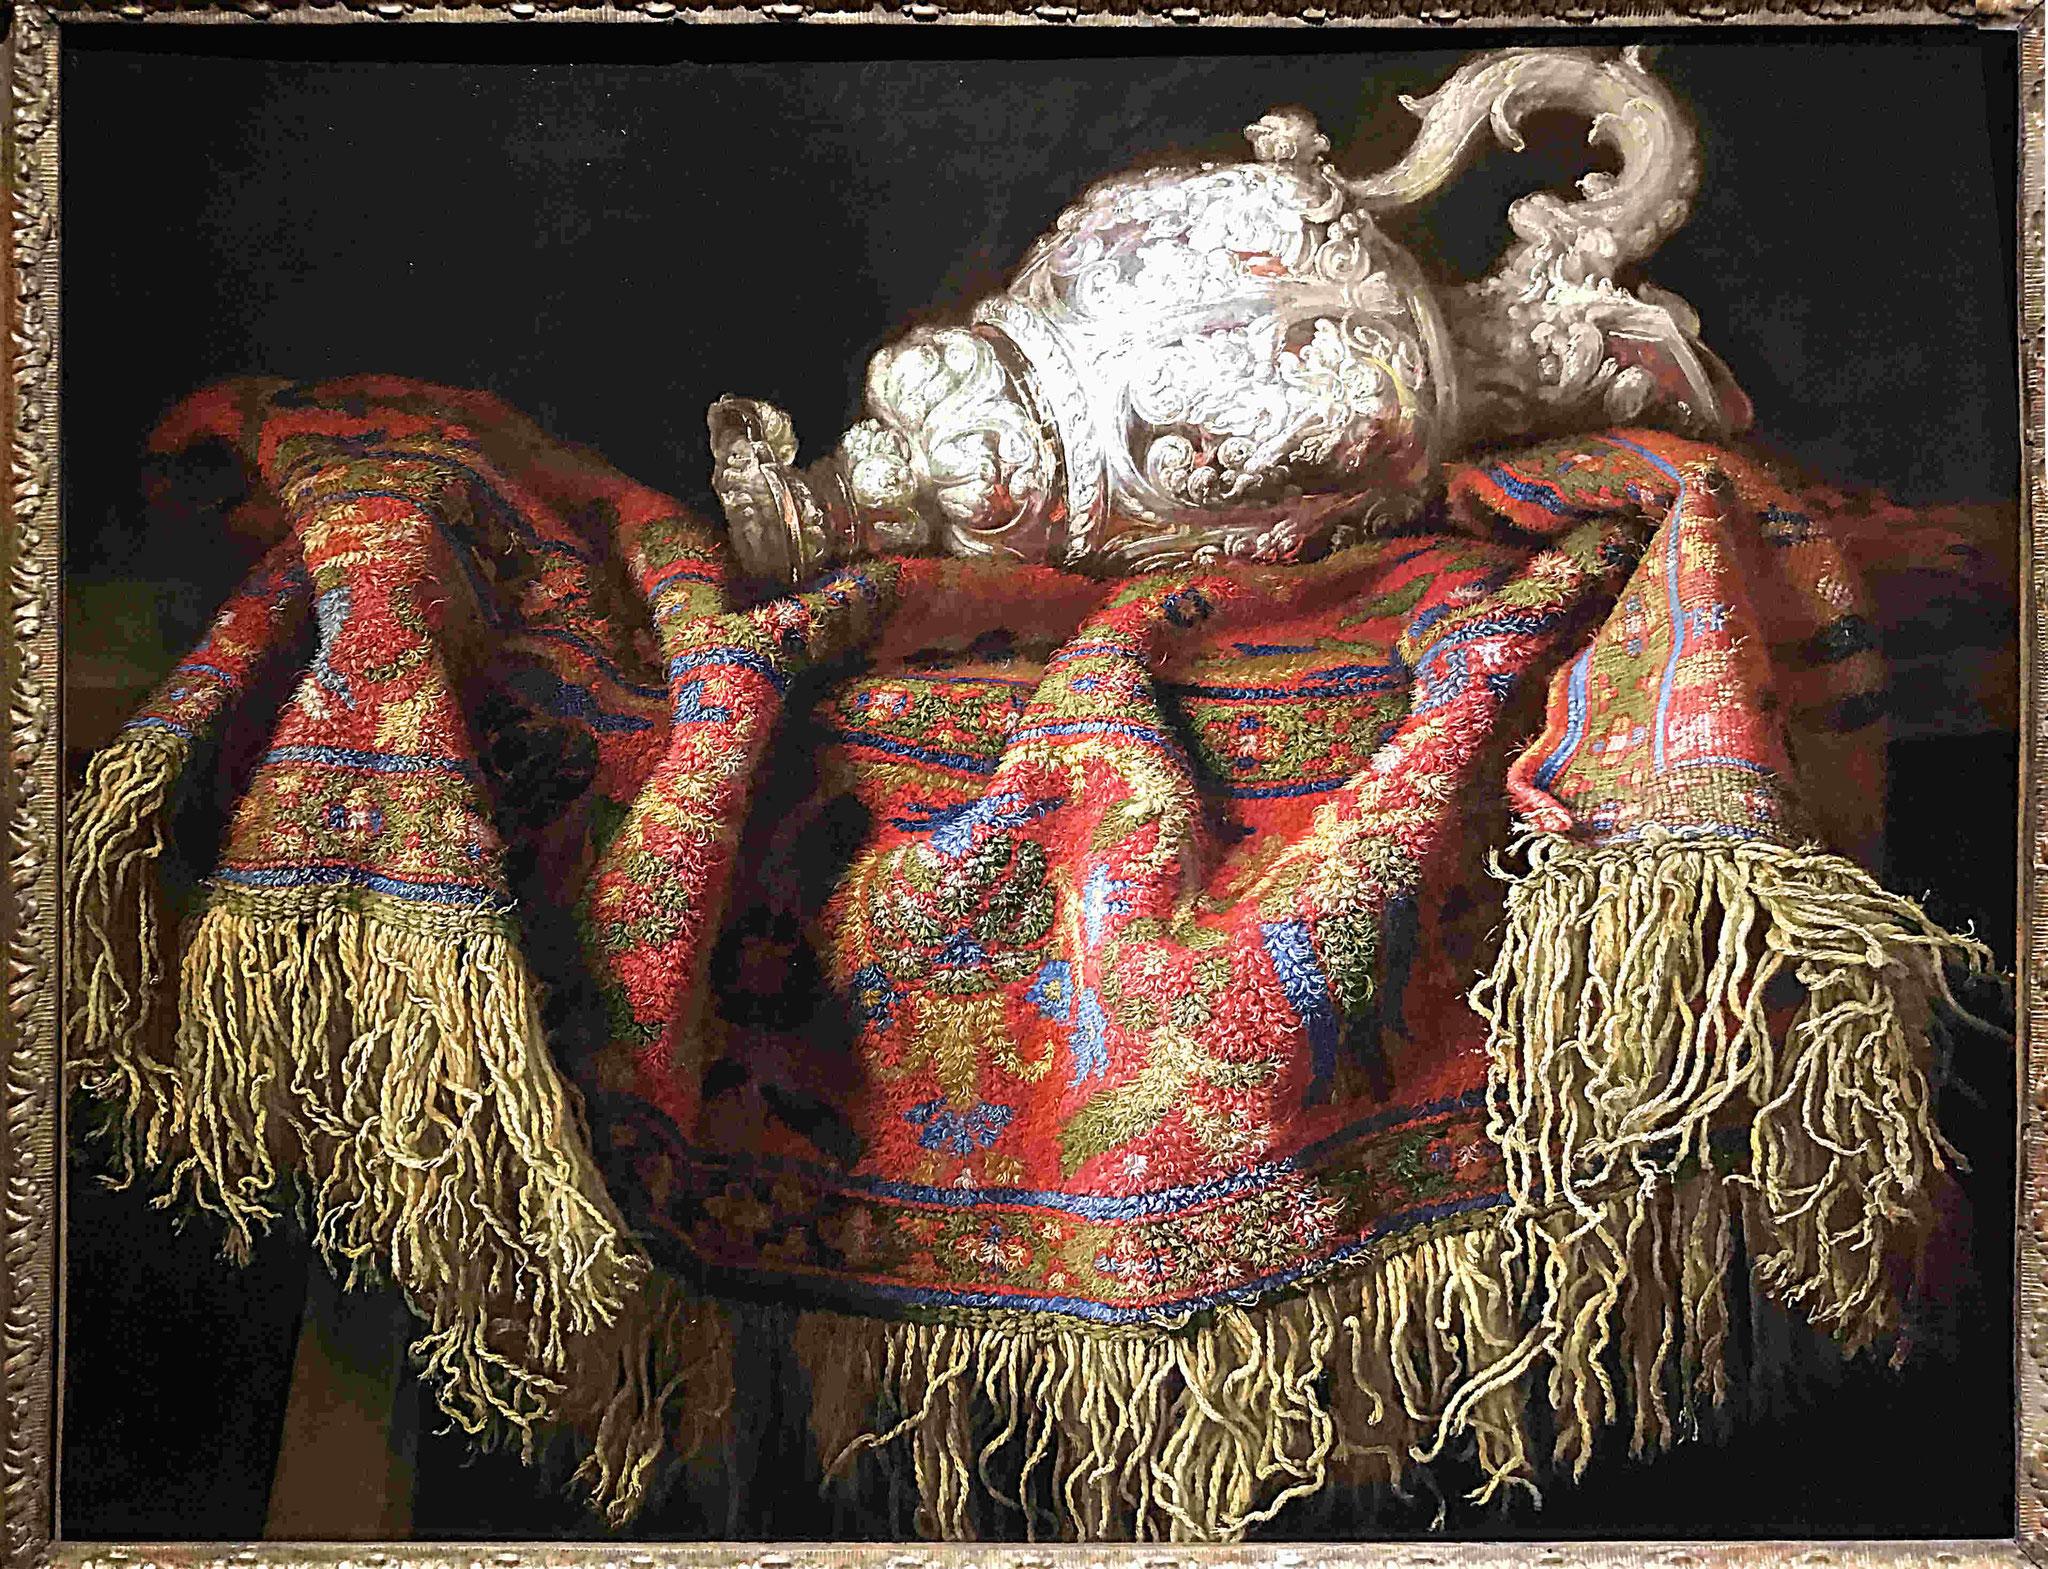 Noletti Francesco, Nature morte au tapis et à l'aiguière, vers 1640 / MUDO